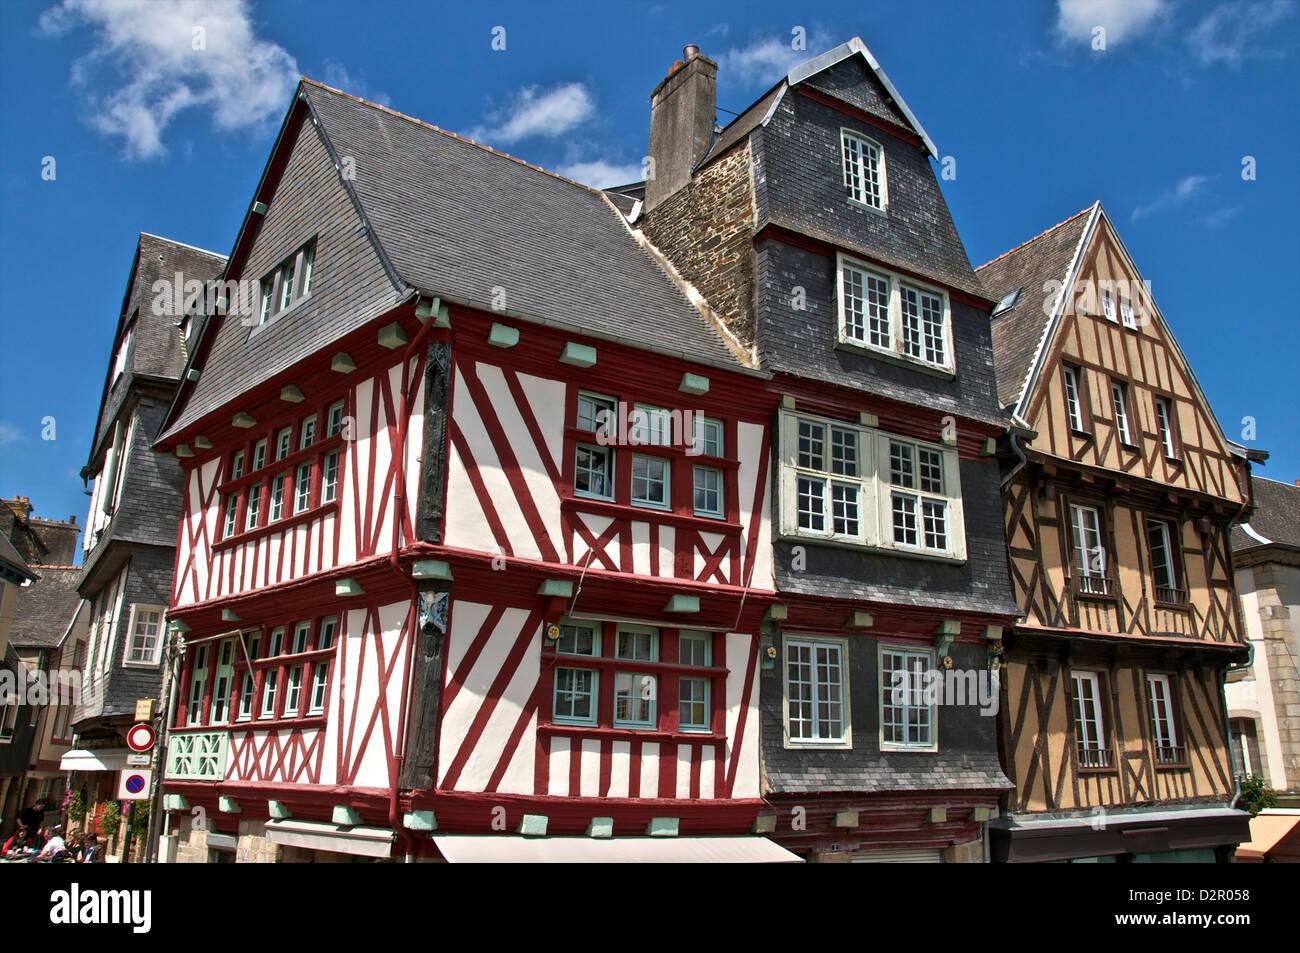 Casas con entramados de madera medieval, la ciudad vieja, de Morlaix, Finisterre, Bretaña, Francia, Europa Foto de stock